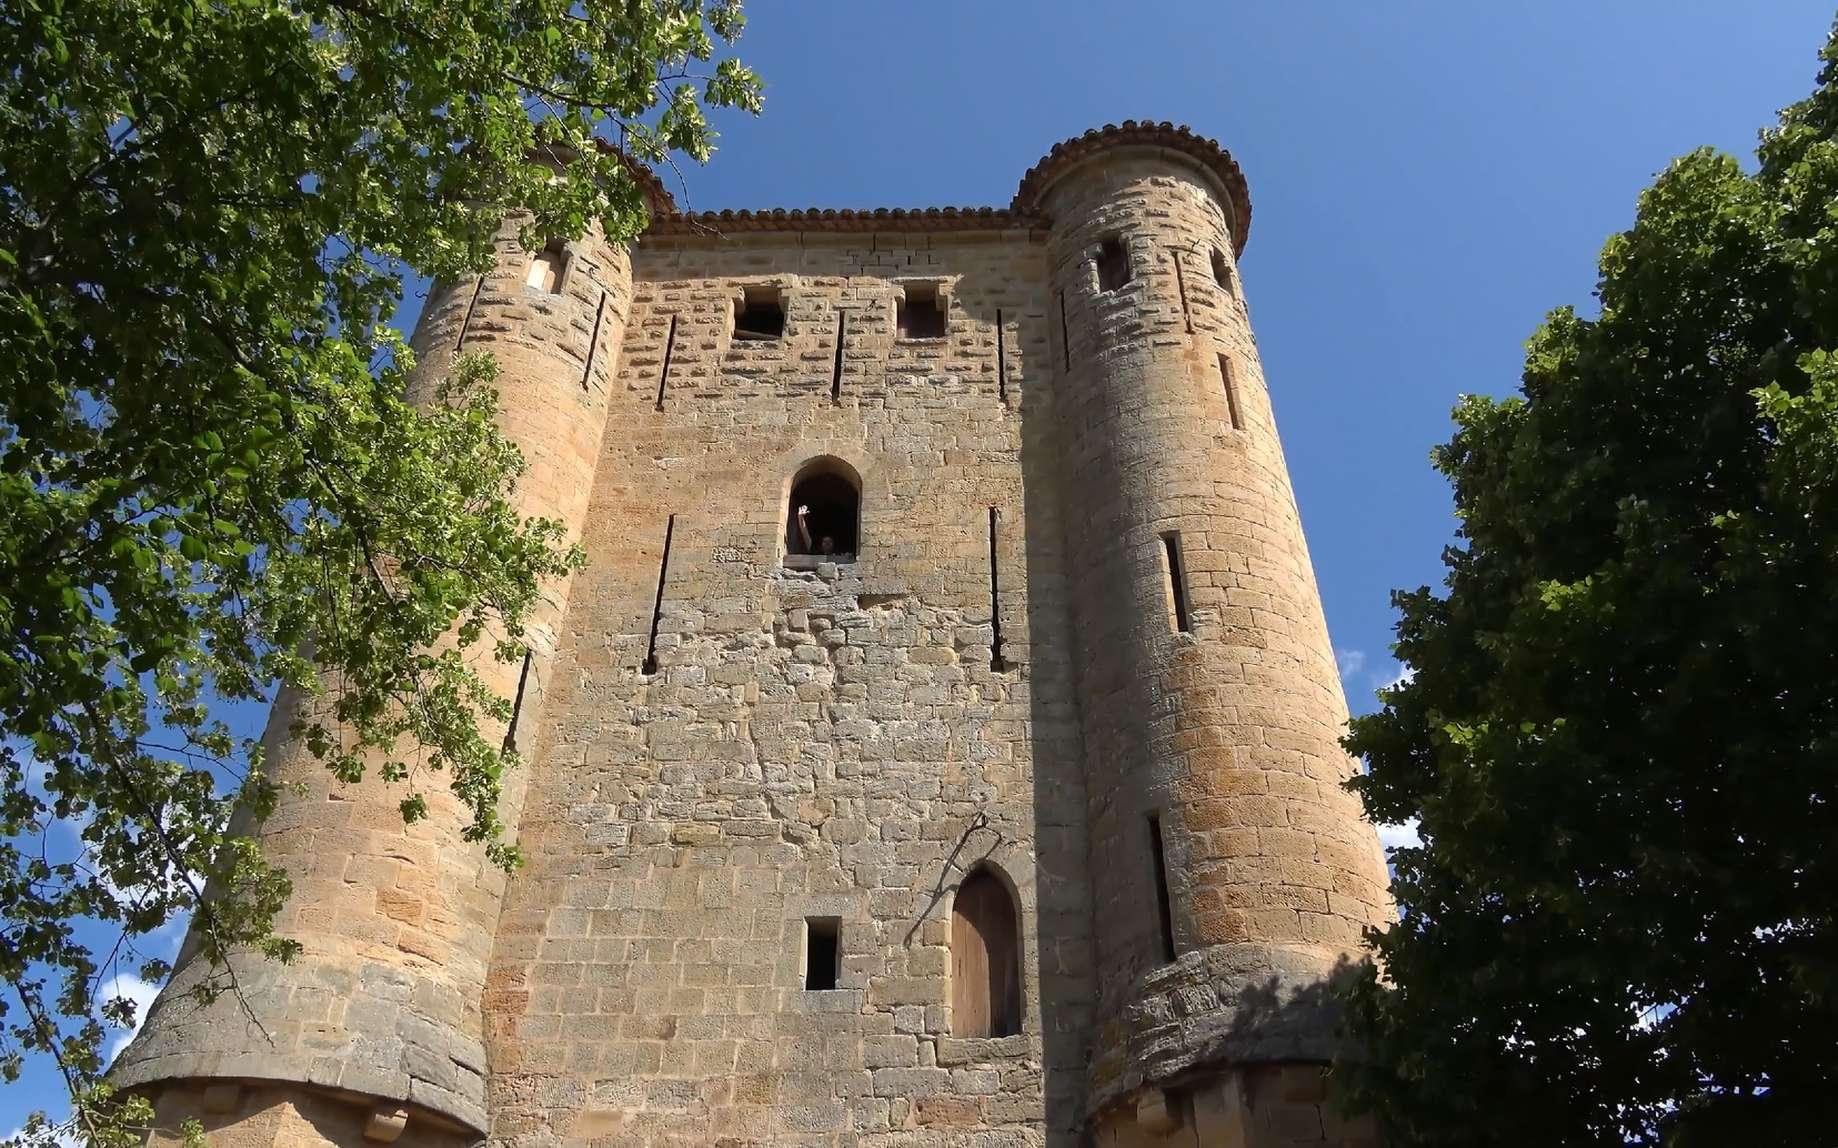 Château médiéval en Pays Cathare. © Daoud, fotolia